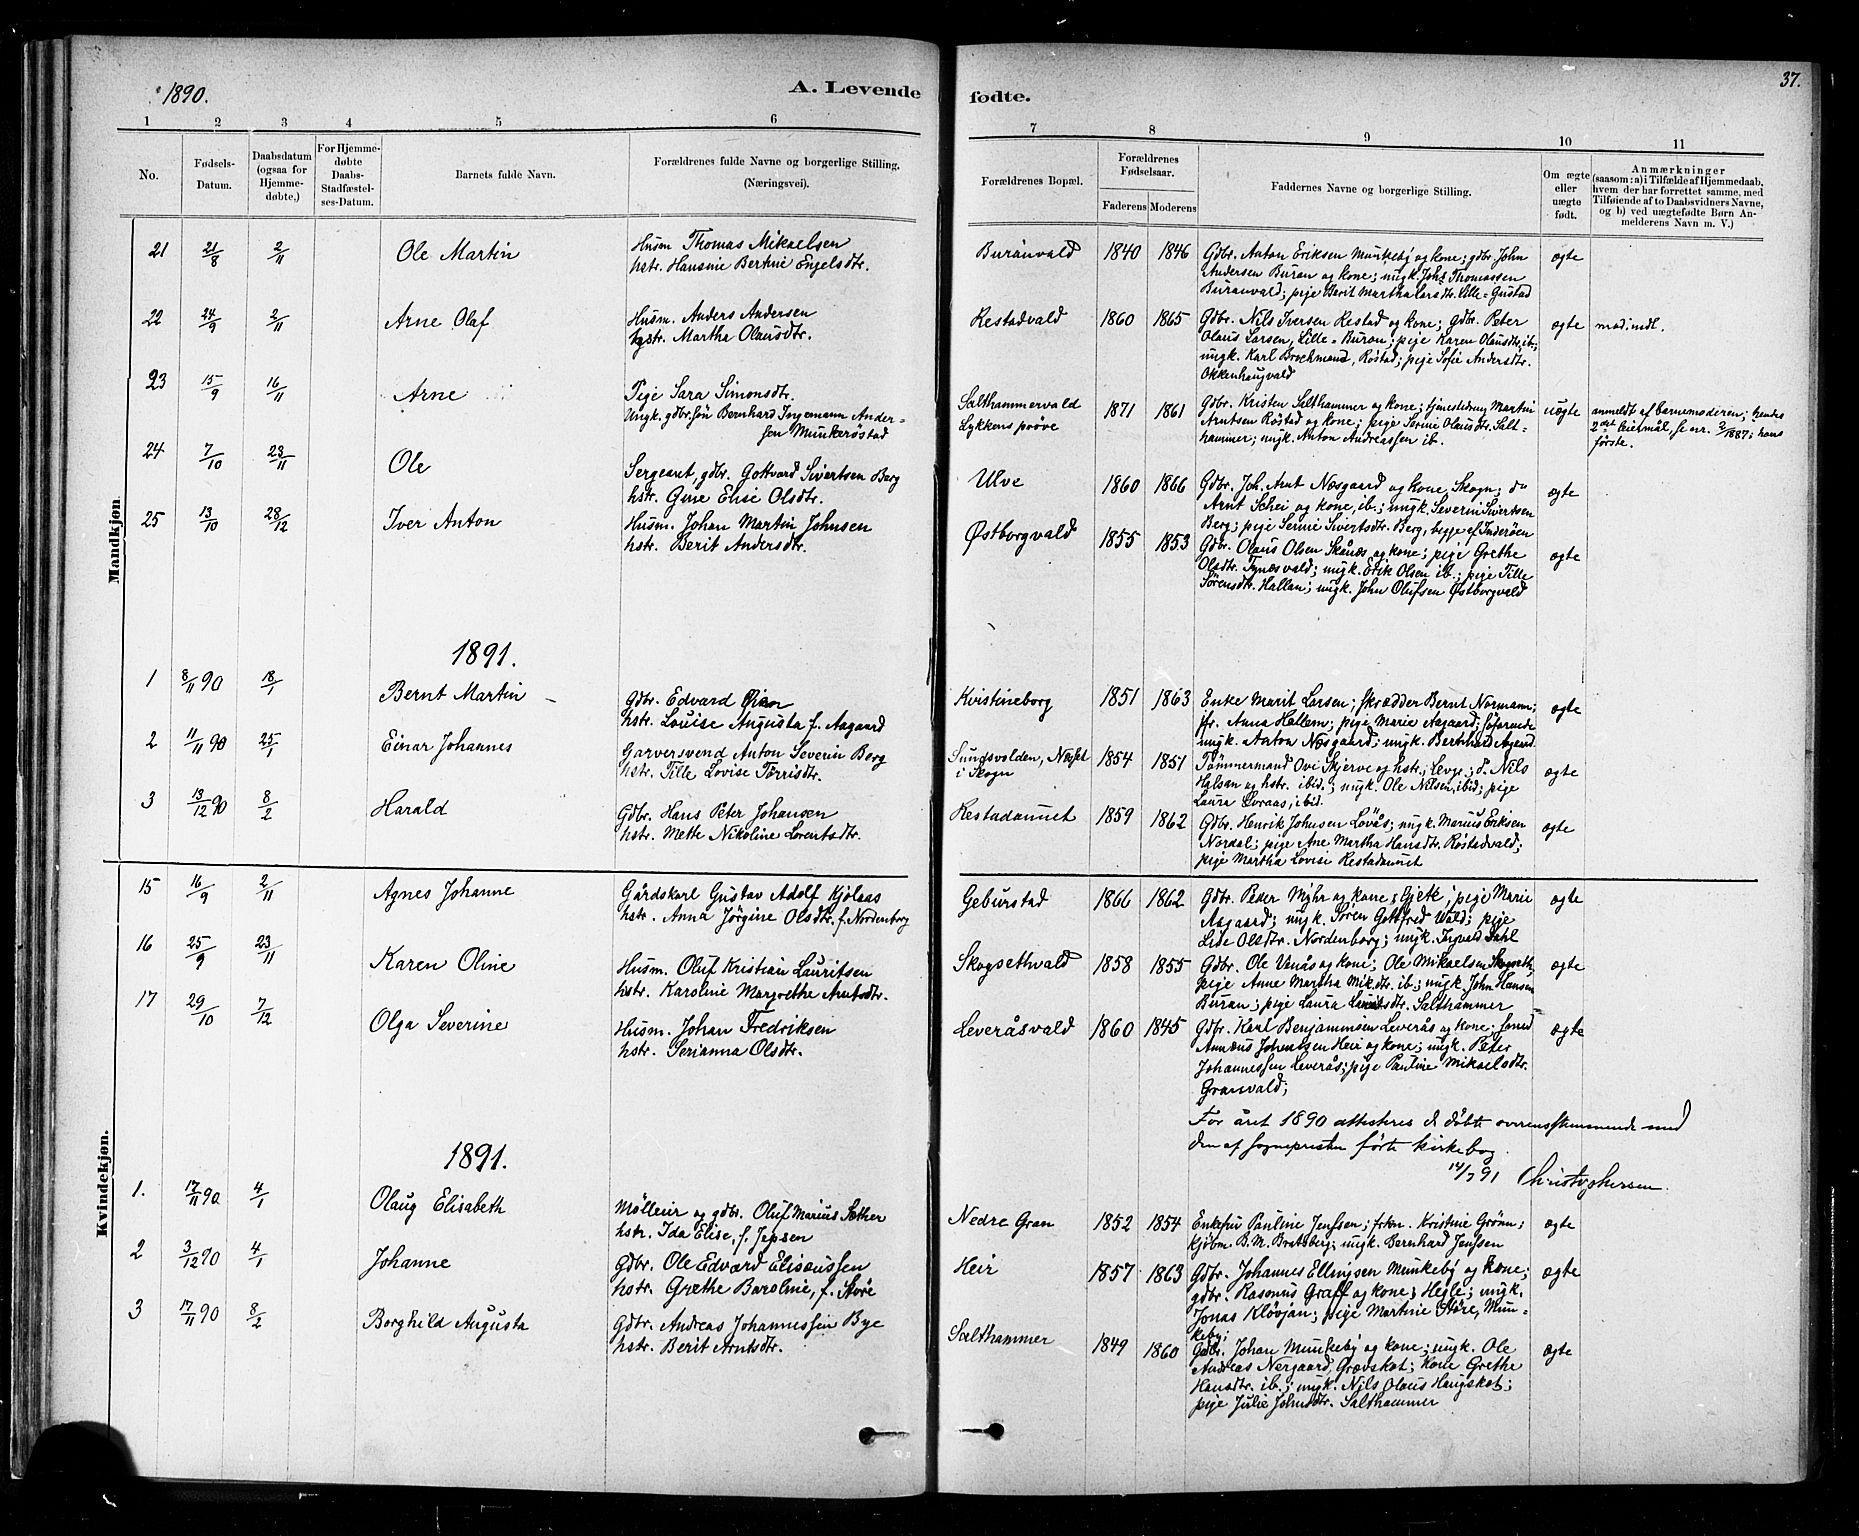 SAT, Ministerialprotokoller, klokkerbøker og fødselsregistre - Nord-Trøndelag, 721/L0208: Klokkerbok nr. 721C01, 1880-1917, s. 37